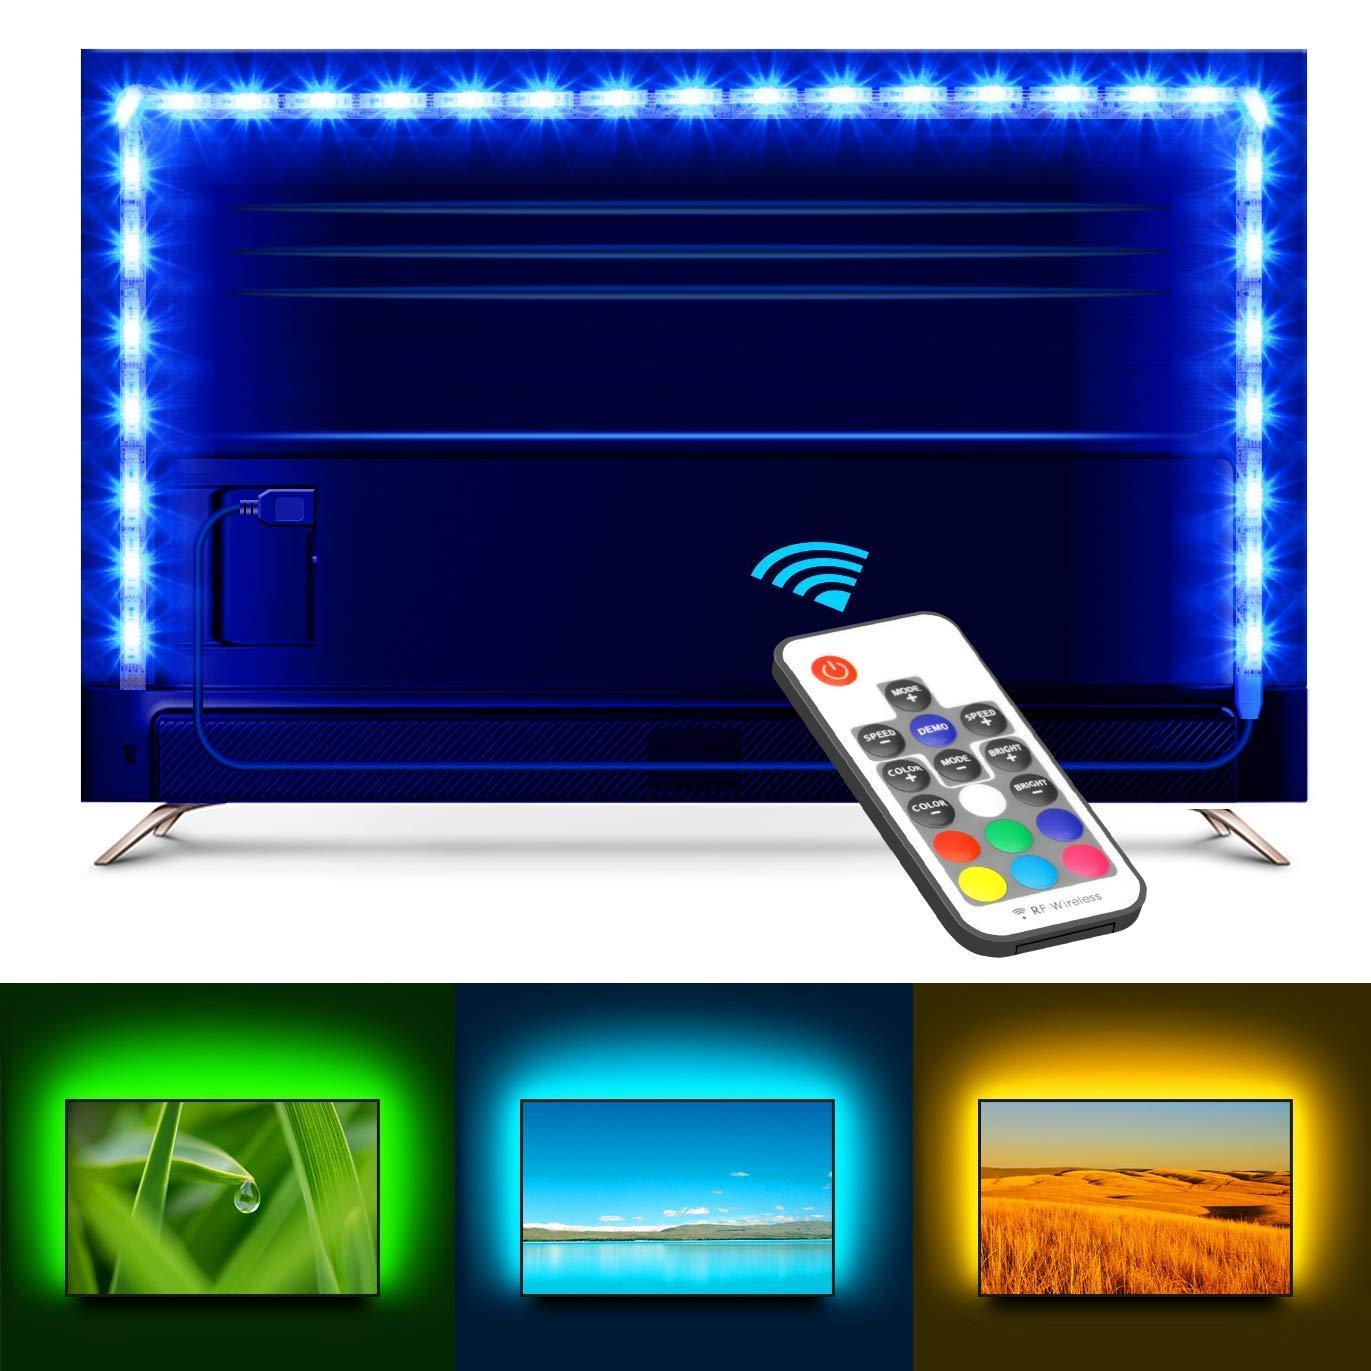 Strisce di LED Remoto TV, Minger 2M Striscia LED Illuminazione USB per HDTV, PC Desktop 40-60 Pollici, TV con Retroilluminazione (Non Impermeabile)